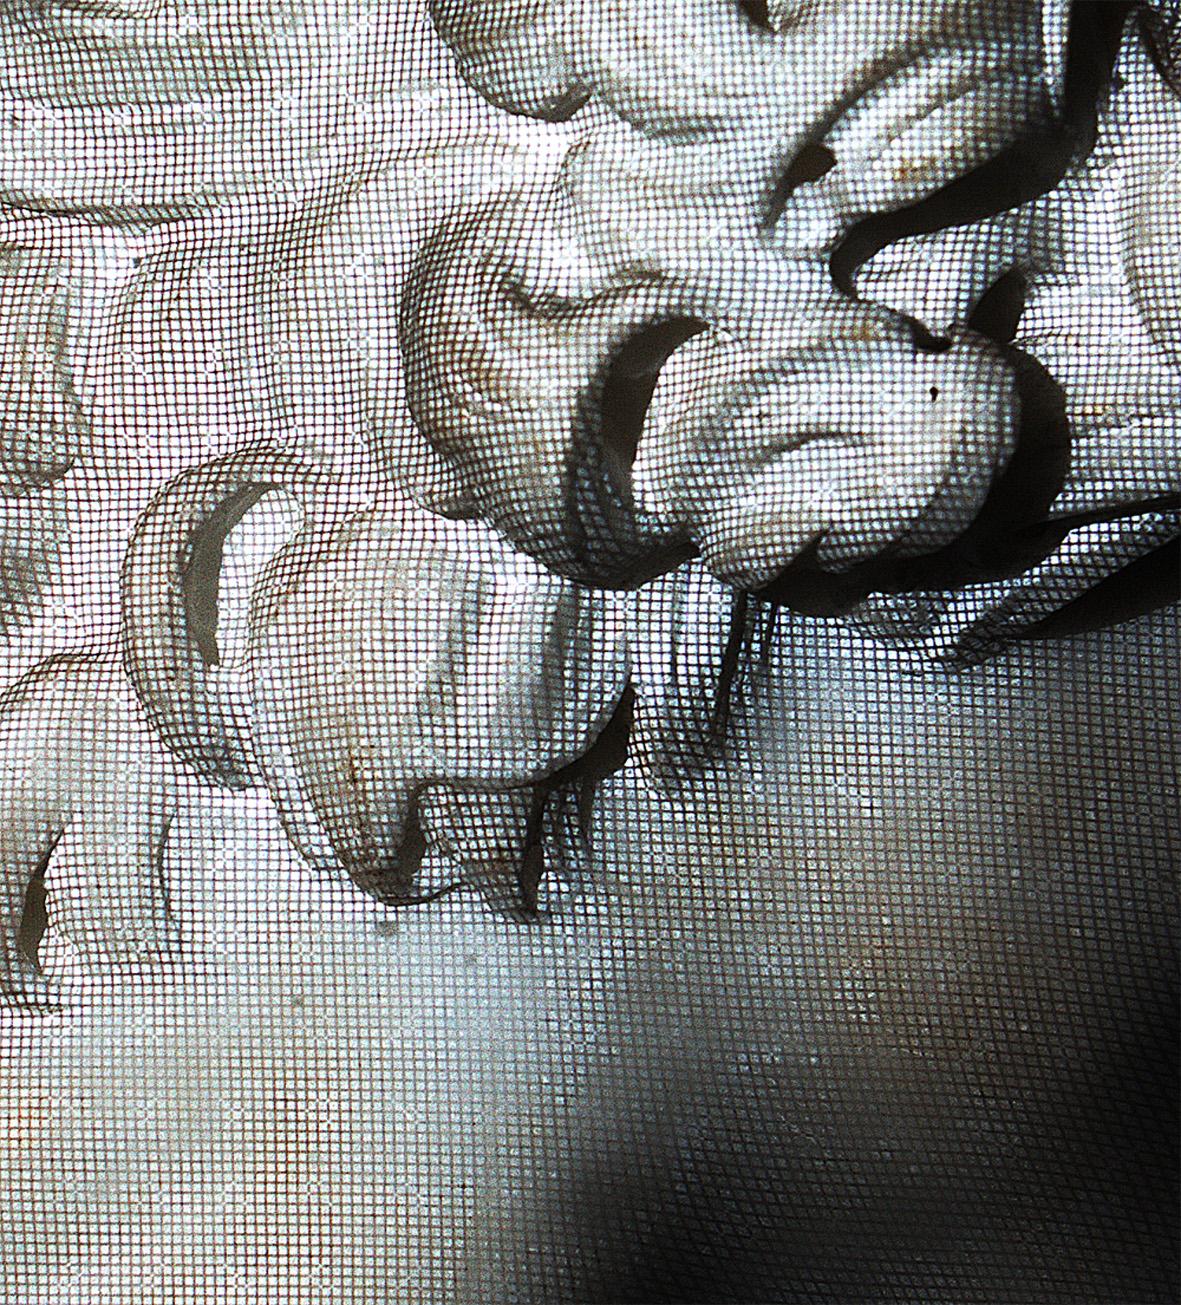 Shapecam von Eyetronics. © researchgate.                         [online]